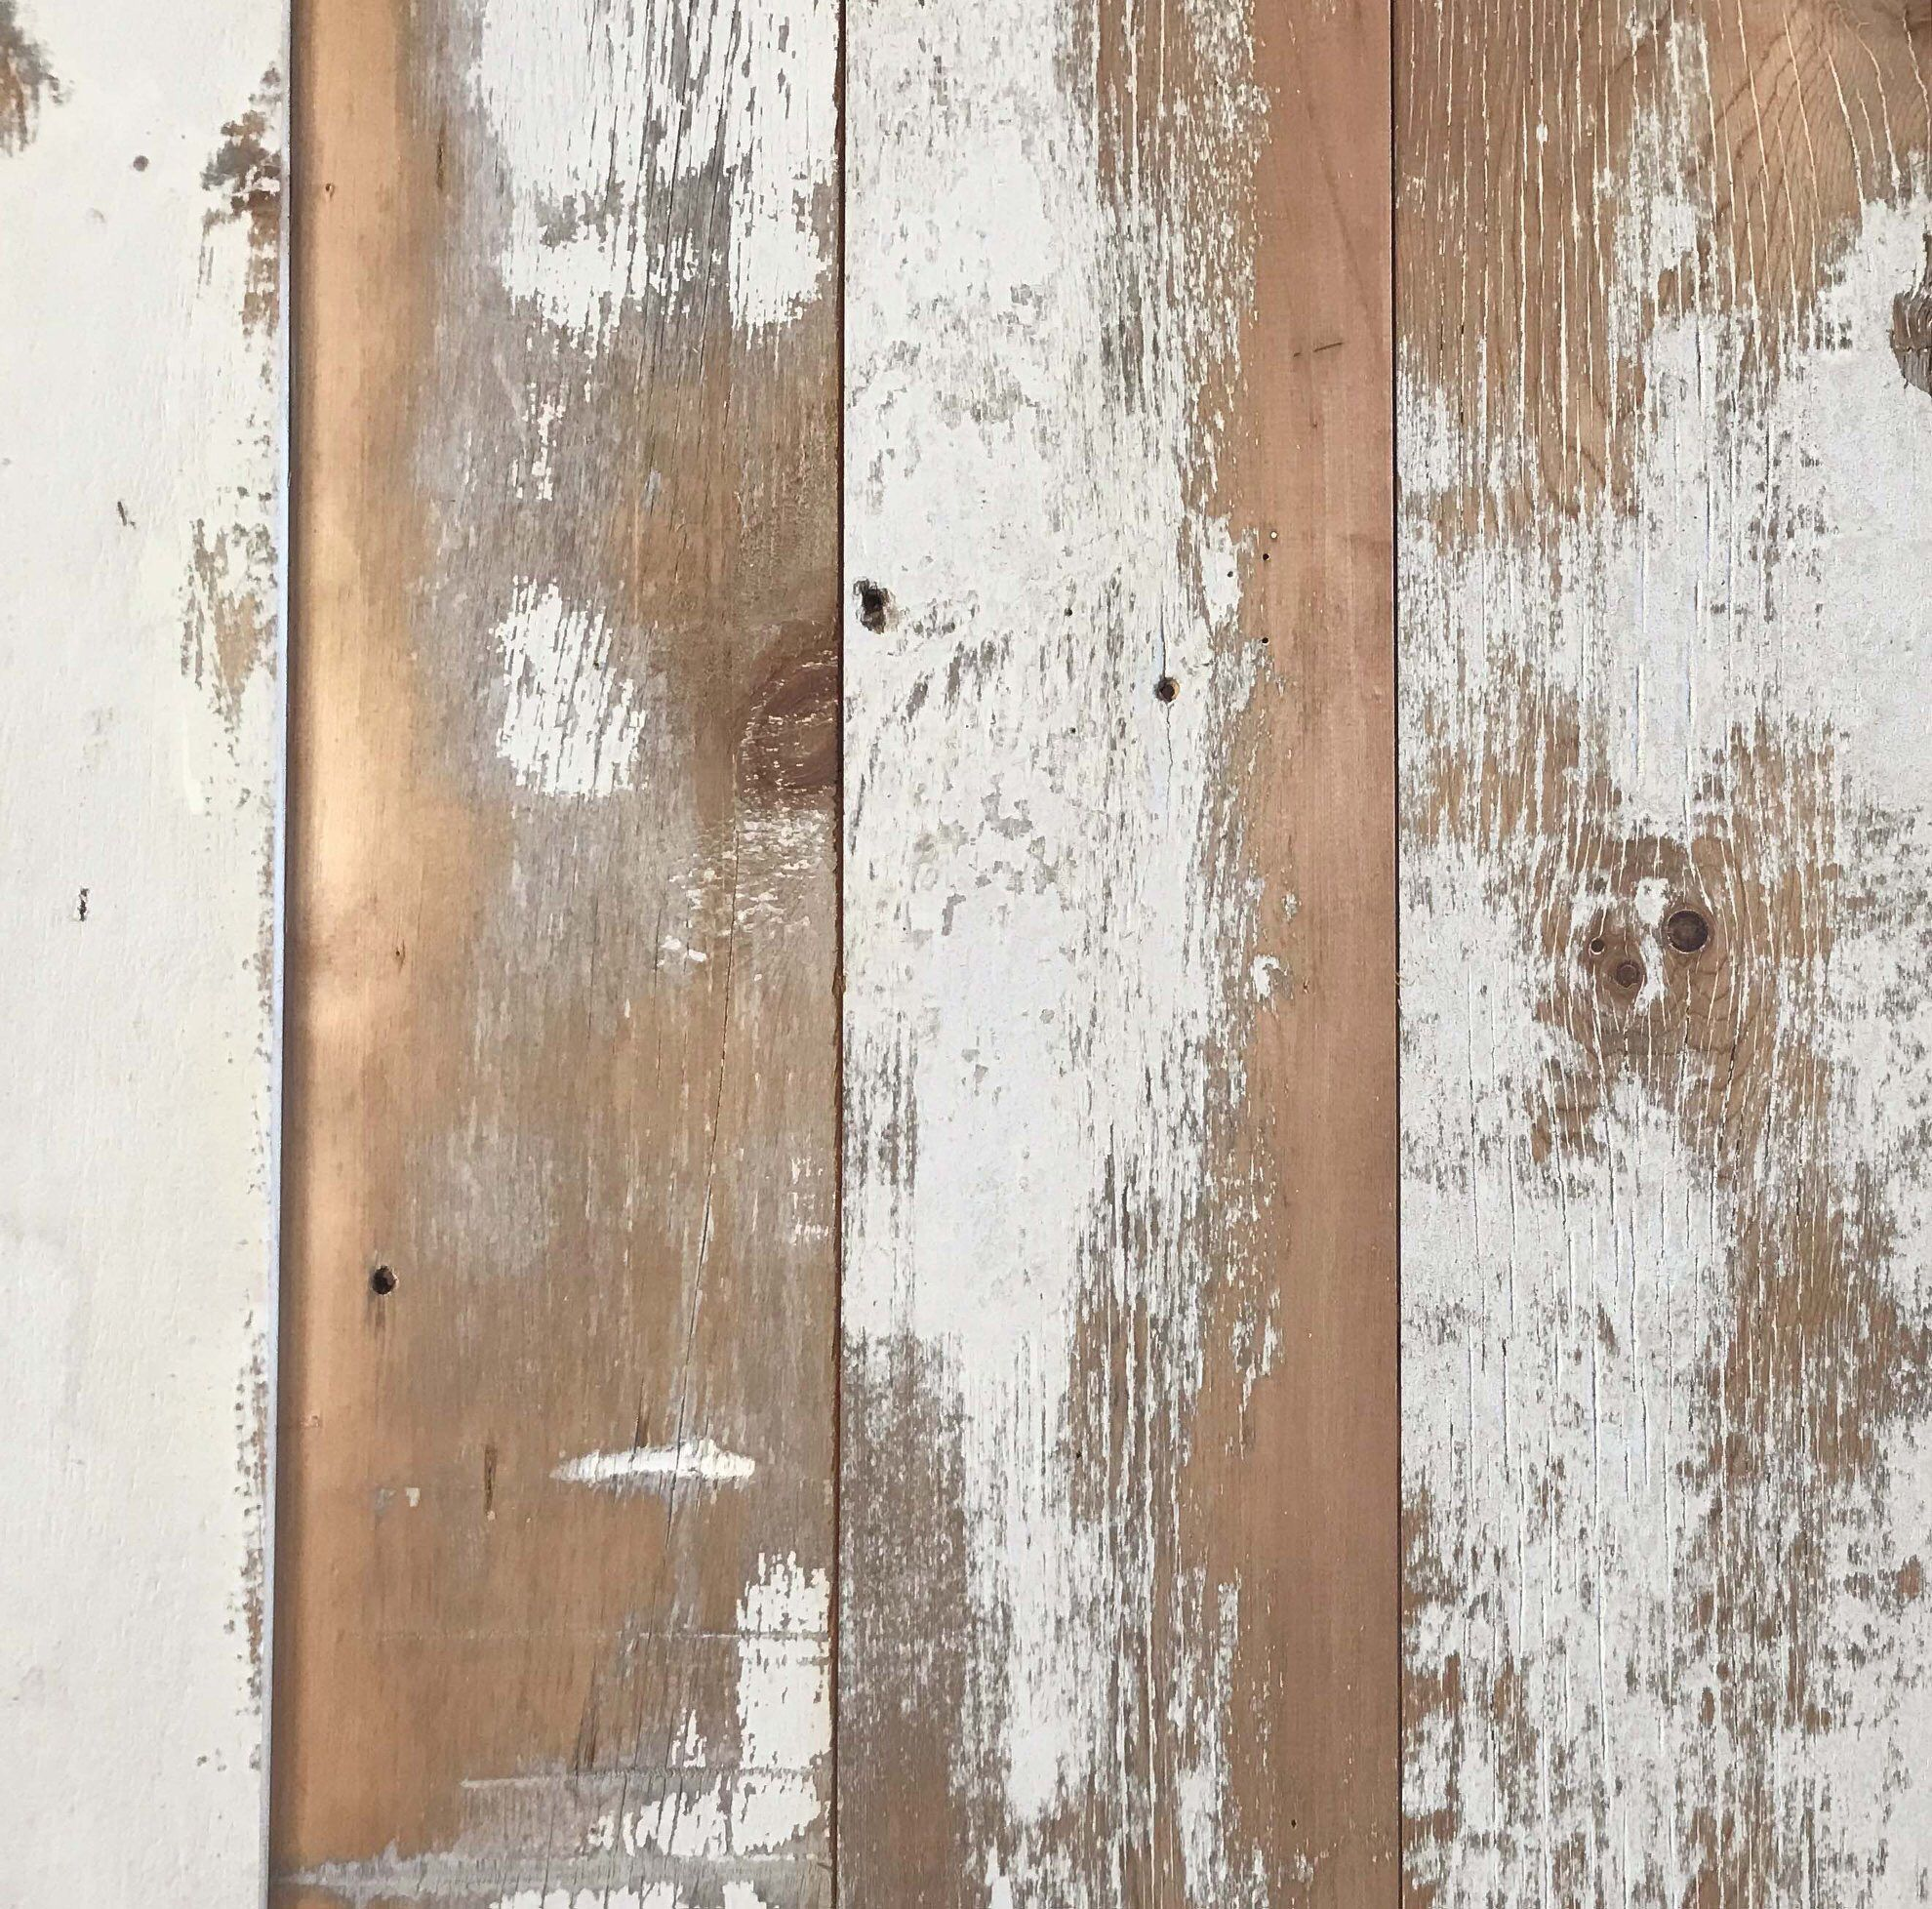 発売準備が整った古材の化粧板オールドパインボードのホワイト バージョンです 什器の側面 腰壁 壁面 天井 様々な使用が可能です 樹種はパインです 厚15mm均一 幅152mm均一なので どなたでも使いやすいサイズです シャビーシックな空間に会う古材の